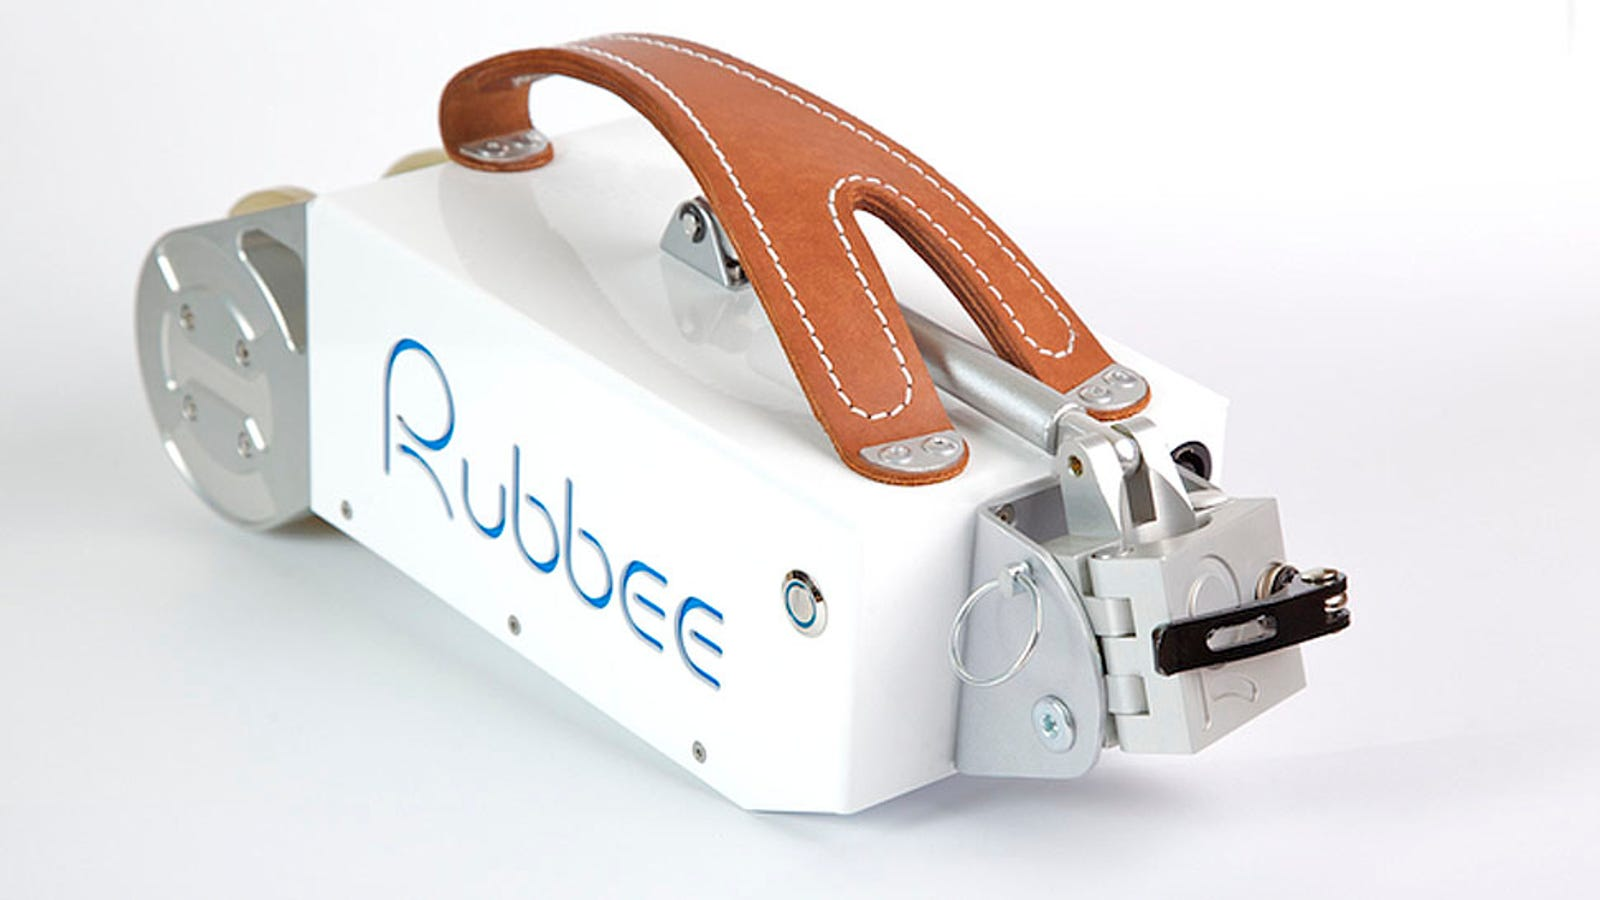 Rubbee, el motor portátil que hace eléctrica tu bicicleta